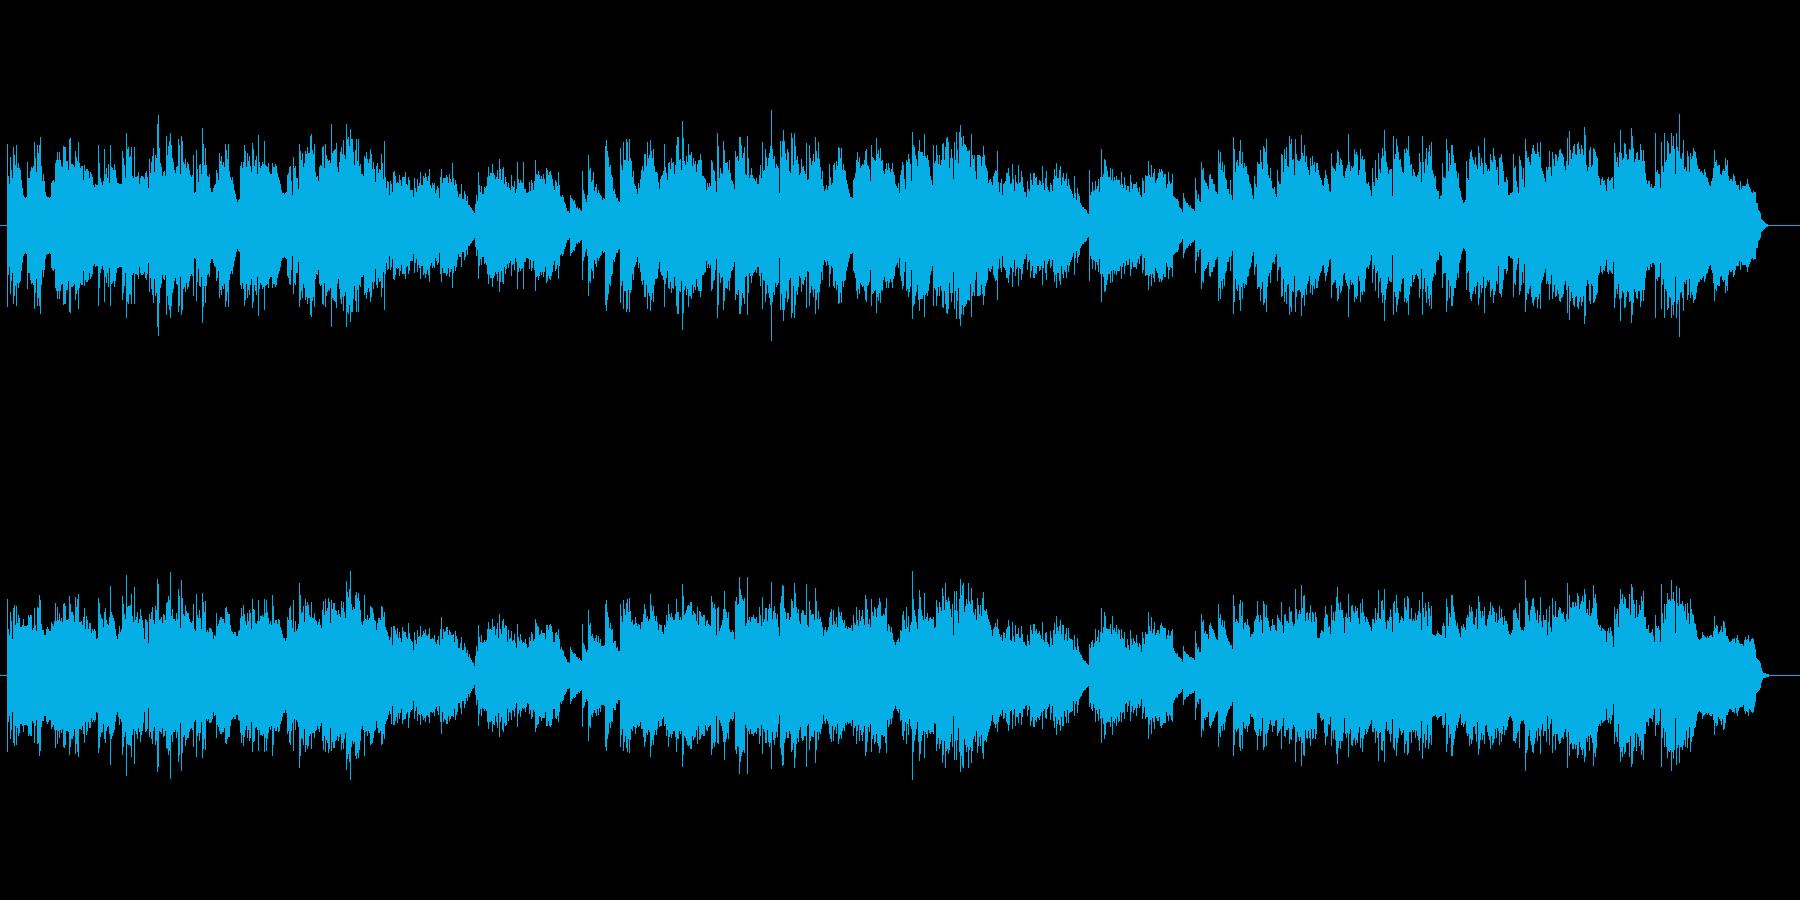 フルートの音色に愁いがある落ち着いた曲の再生済みの波形